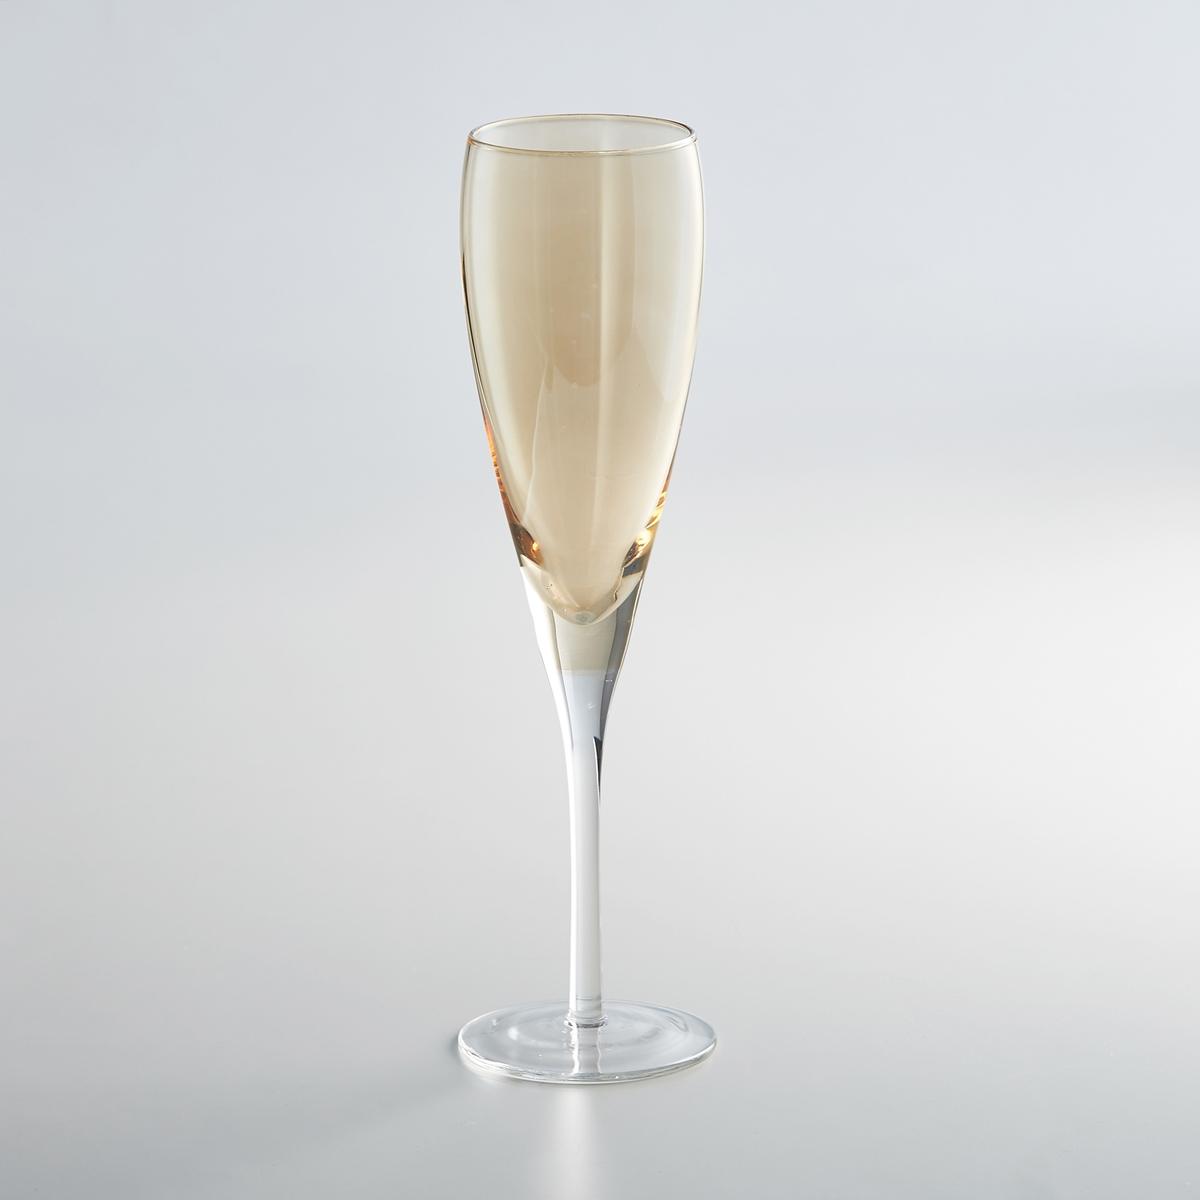 4 бокала под шампанское, Koutine